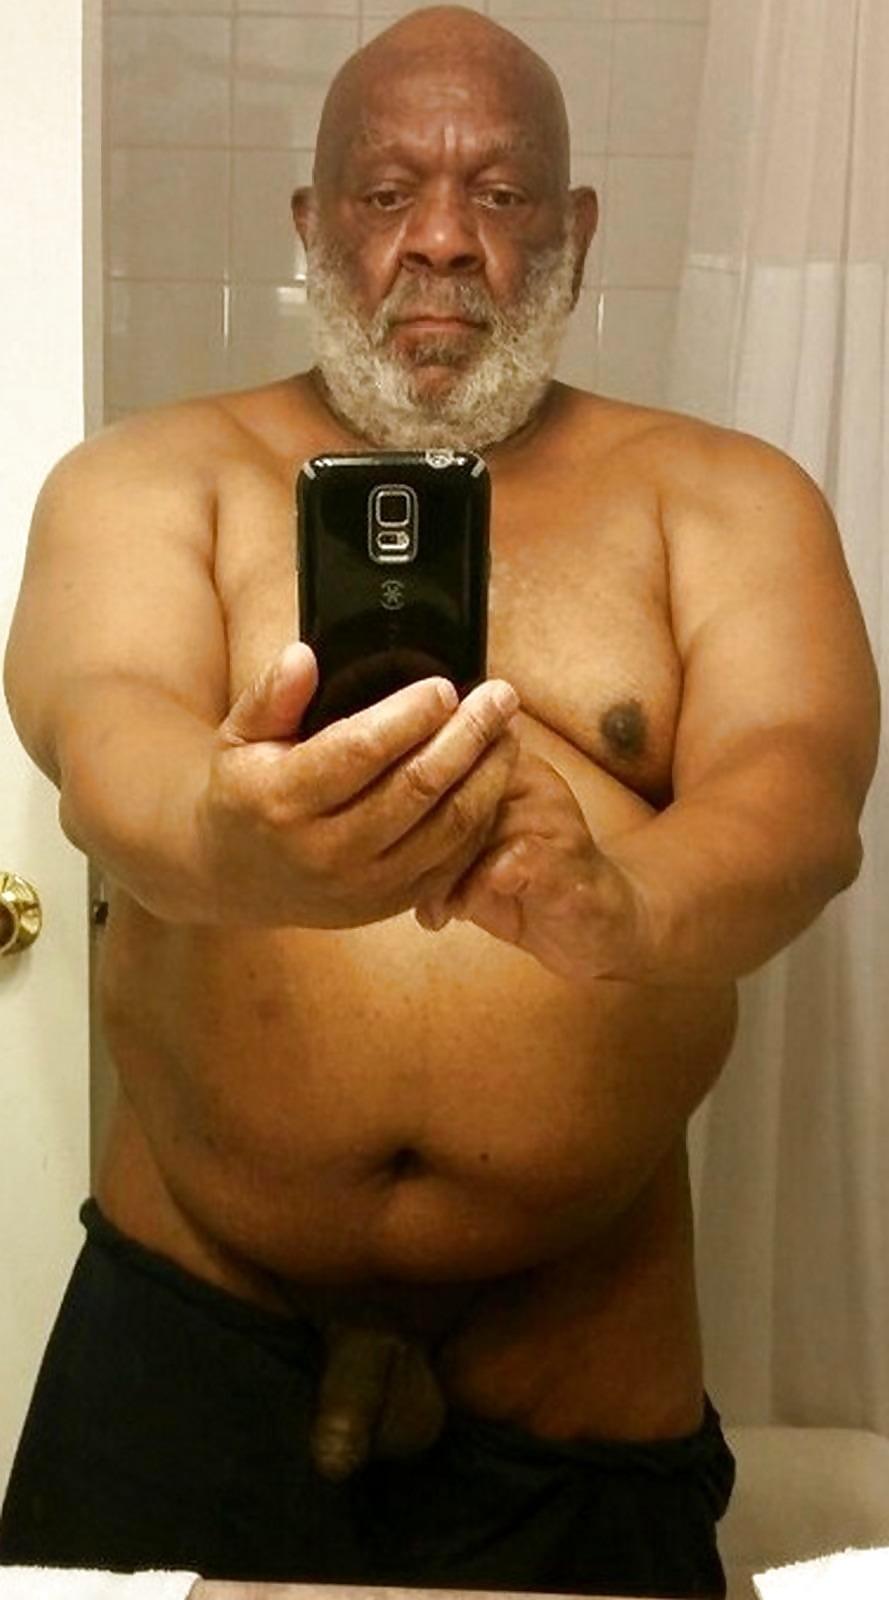 old man gallery photo porno